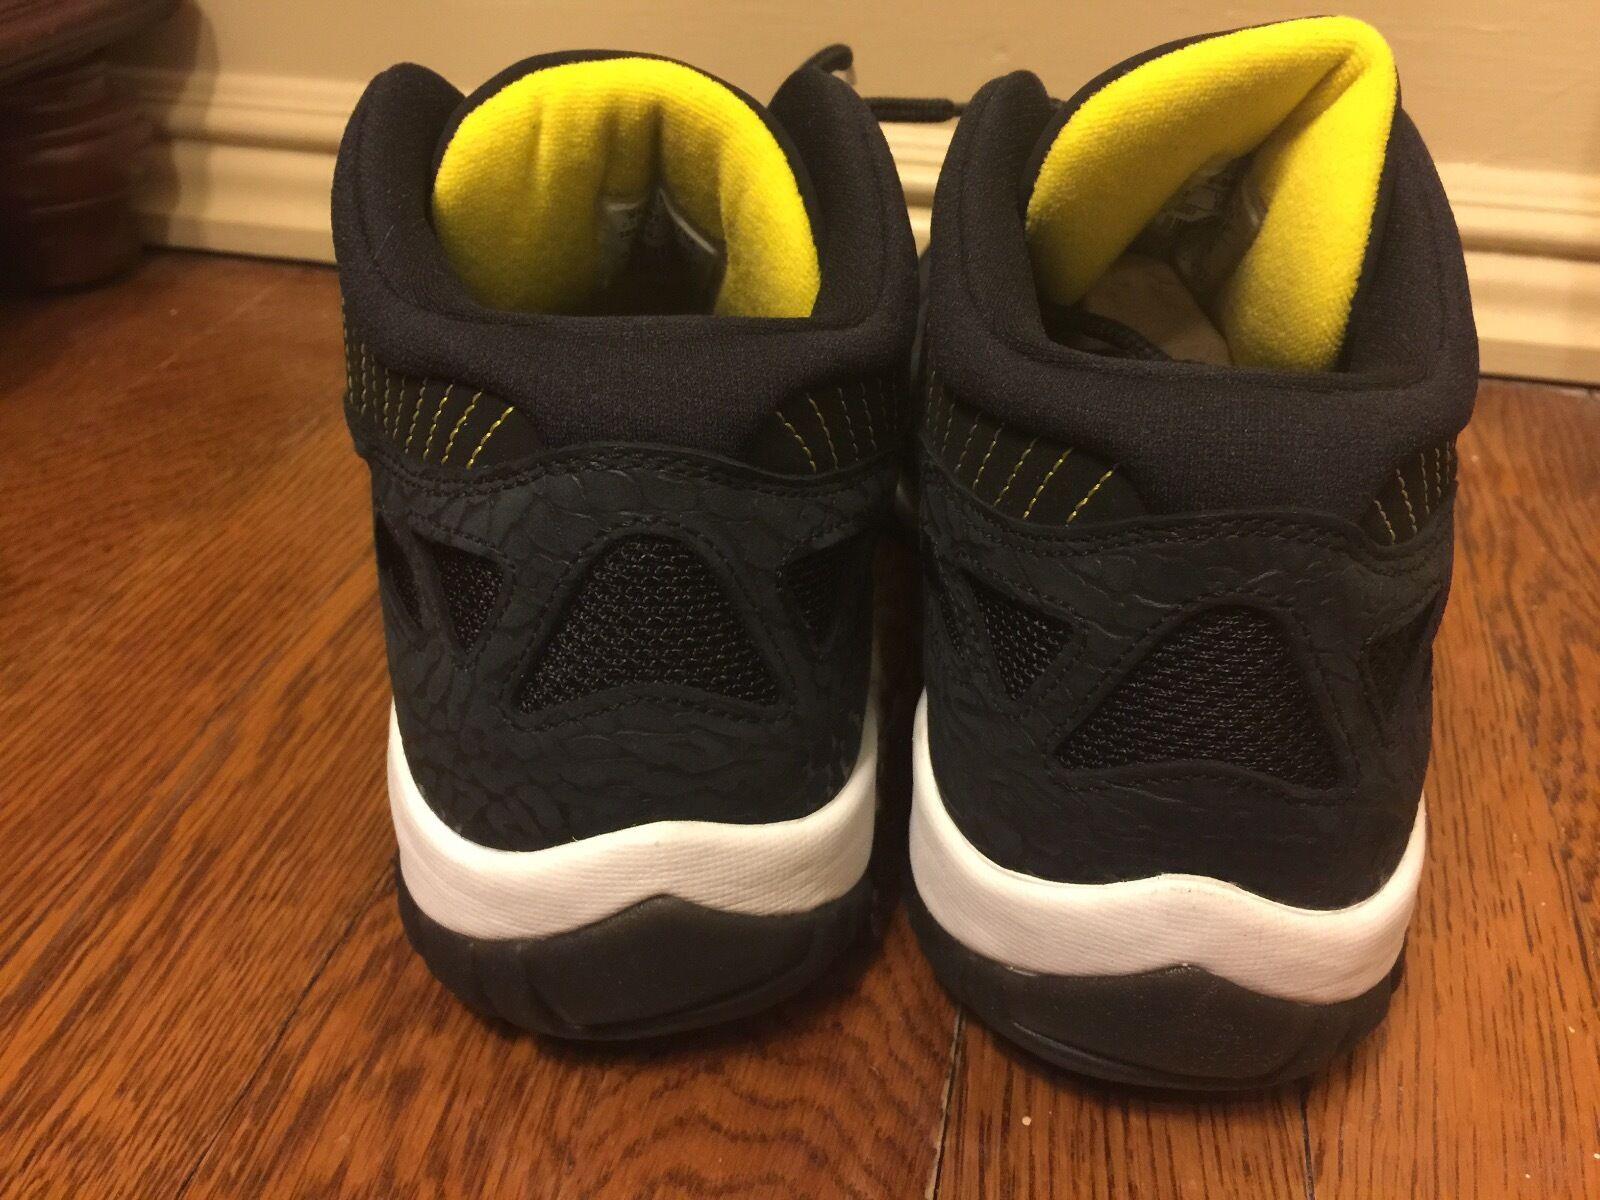 online retailer e5181 592a6 ... Nike Air Jordan 11 Black Retro Low Size 11 Black 11 Zest 26cc72